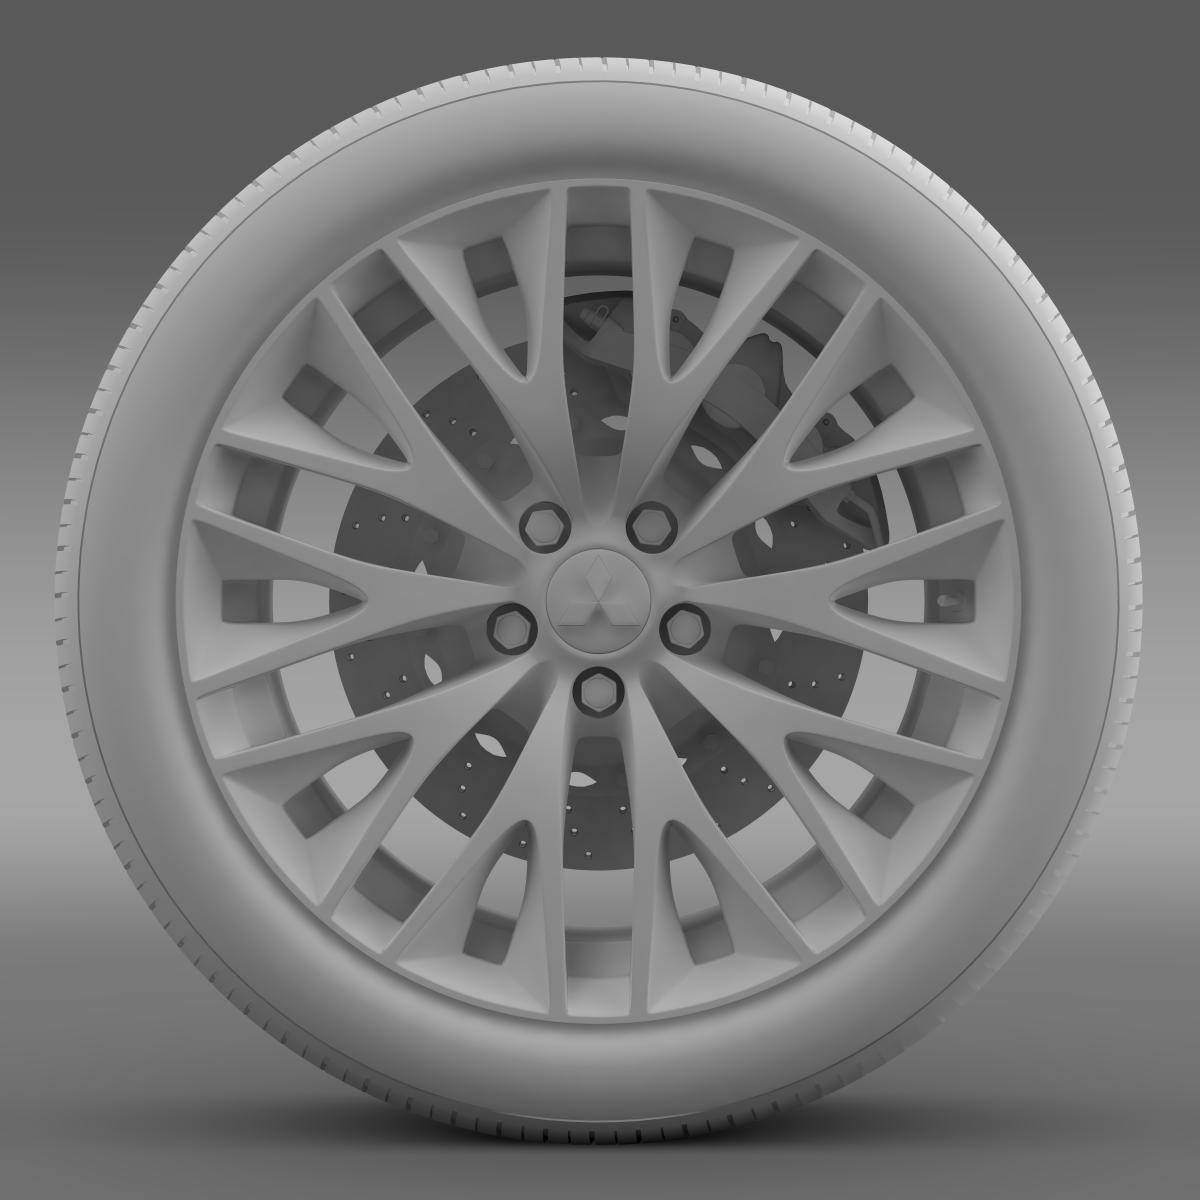 mitsubishi dignity wheel 3d model 3ds max fbx c4d lwo ma mb hrc xsi obj 210805